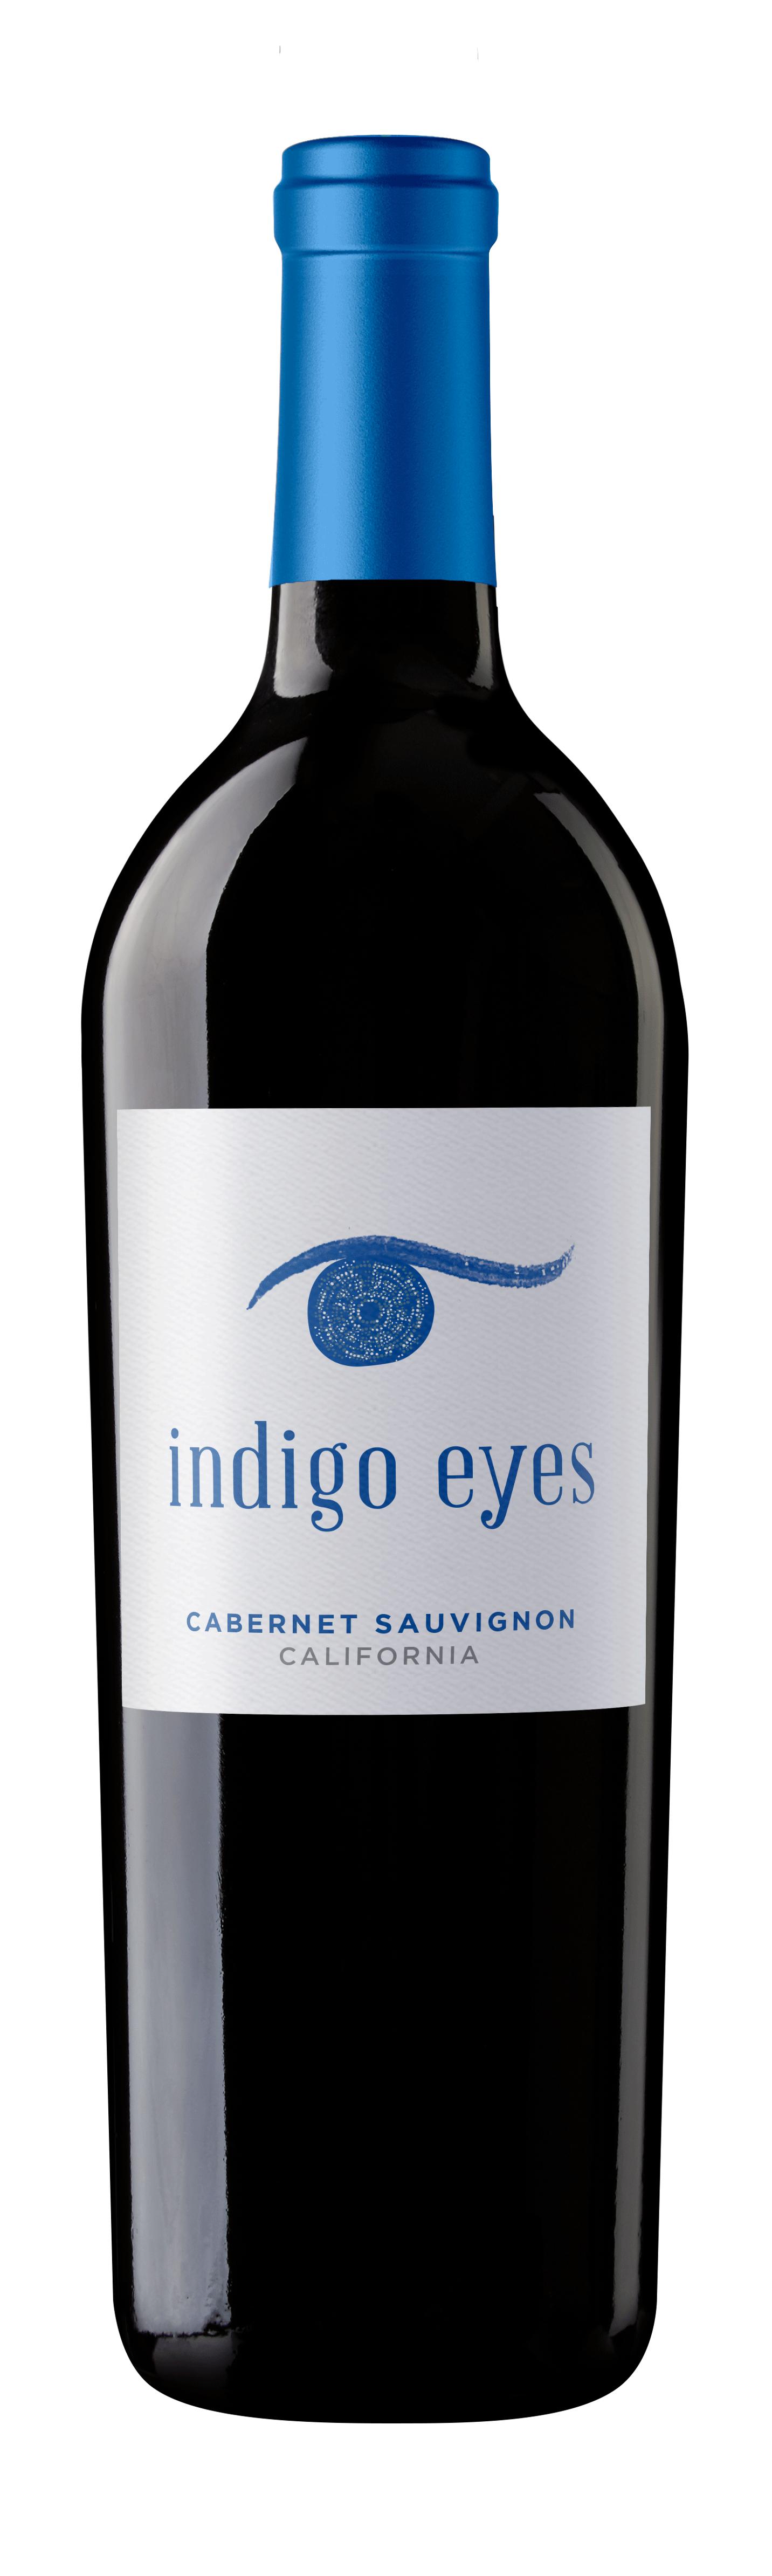 Indigo Eyes Cabernet Sauvignon